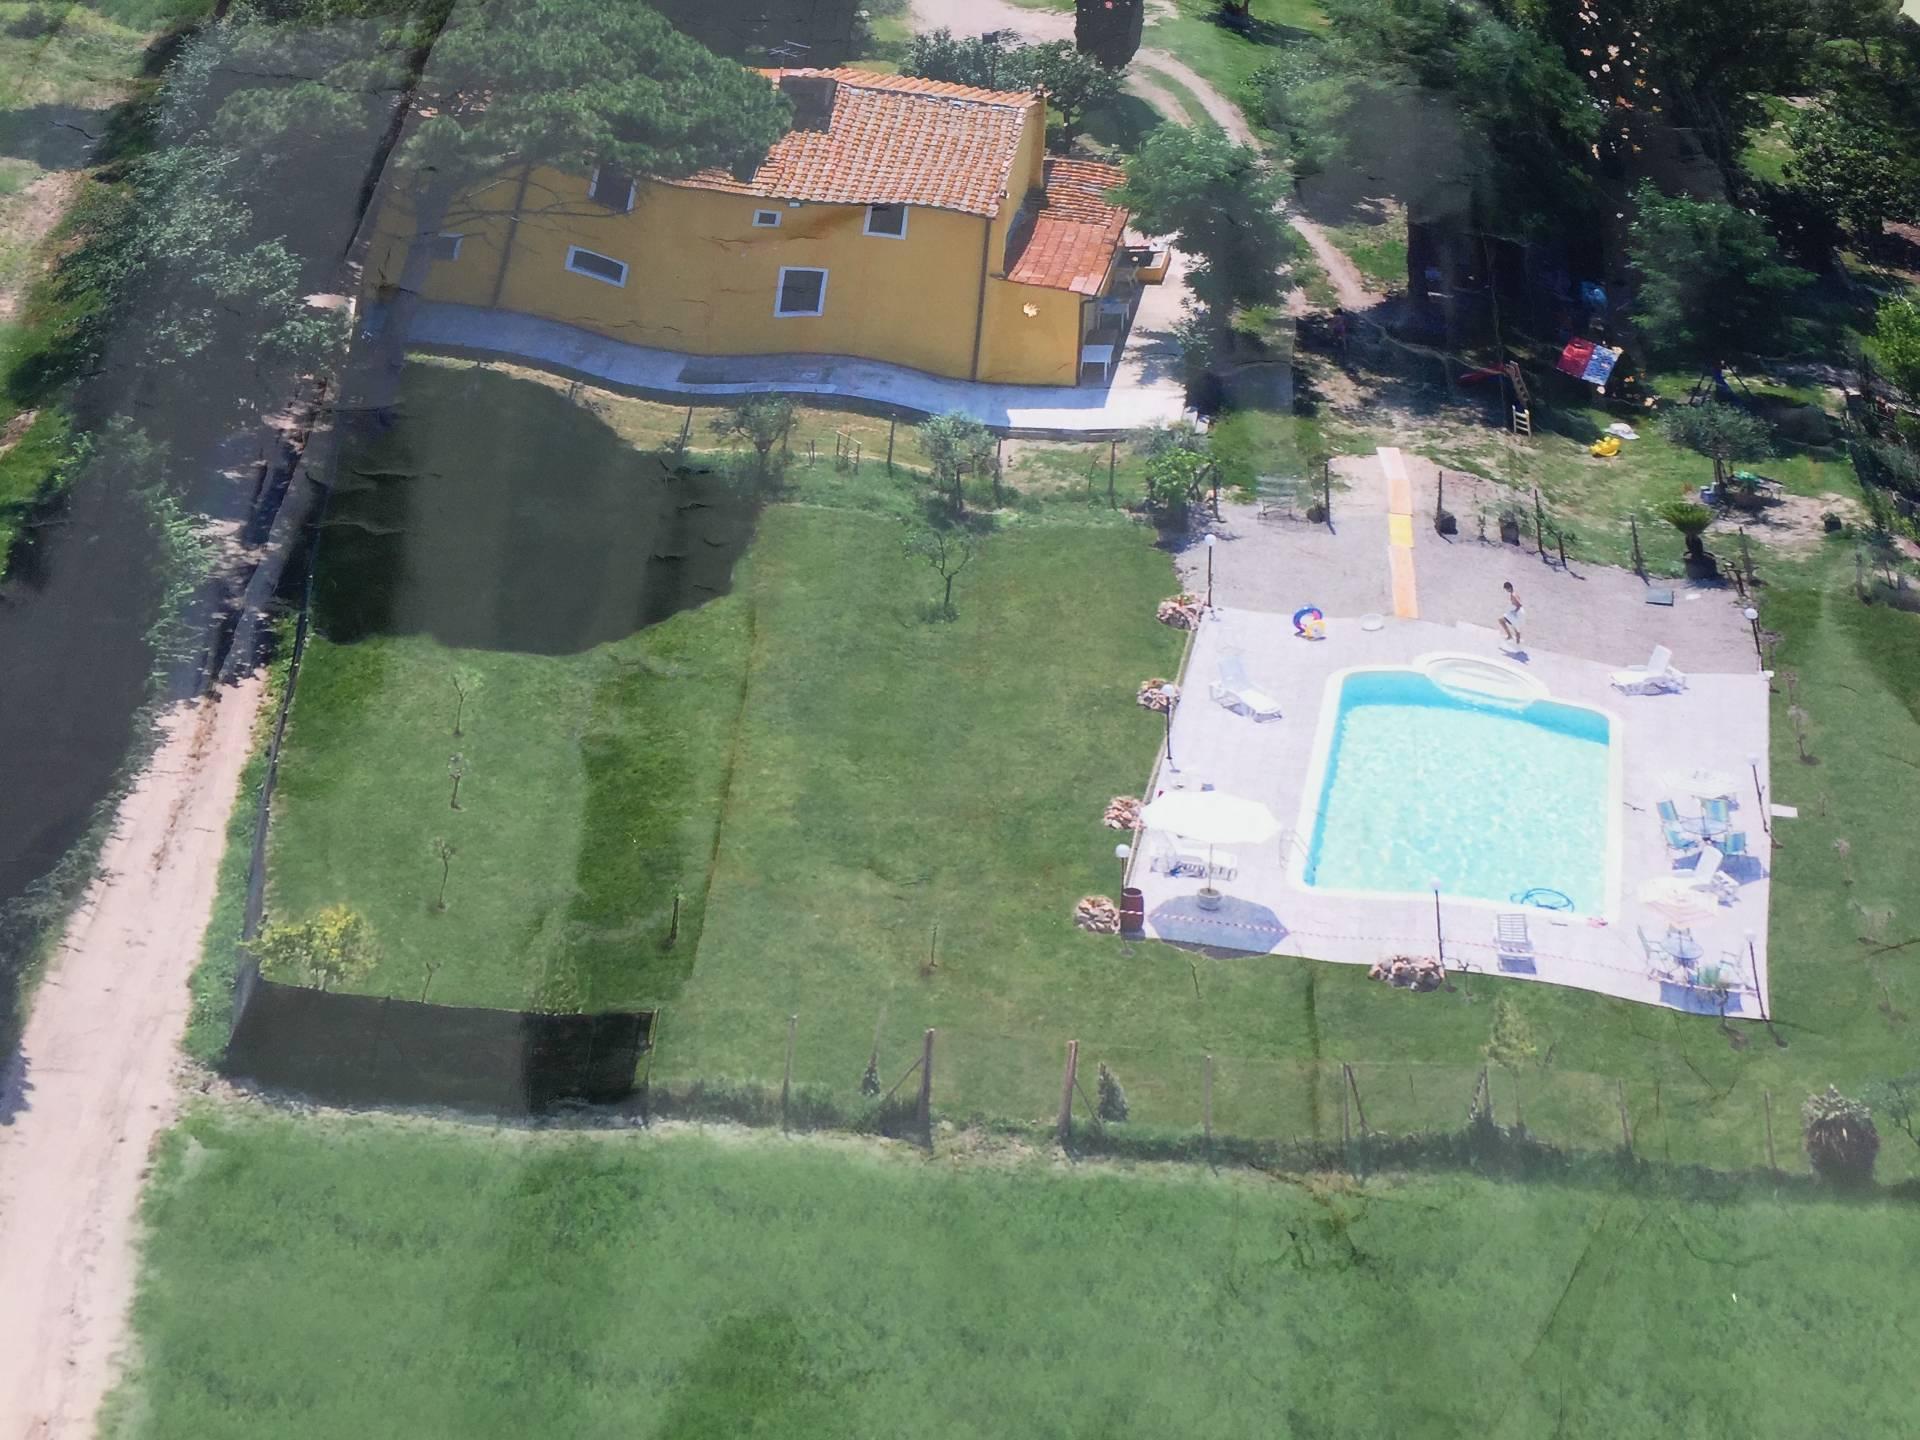 Soluzione Indipendente in affitto a Empoli, 3 locali, zona Località: MolinNuovo, prezzo € 400 | Cambio Casa.it